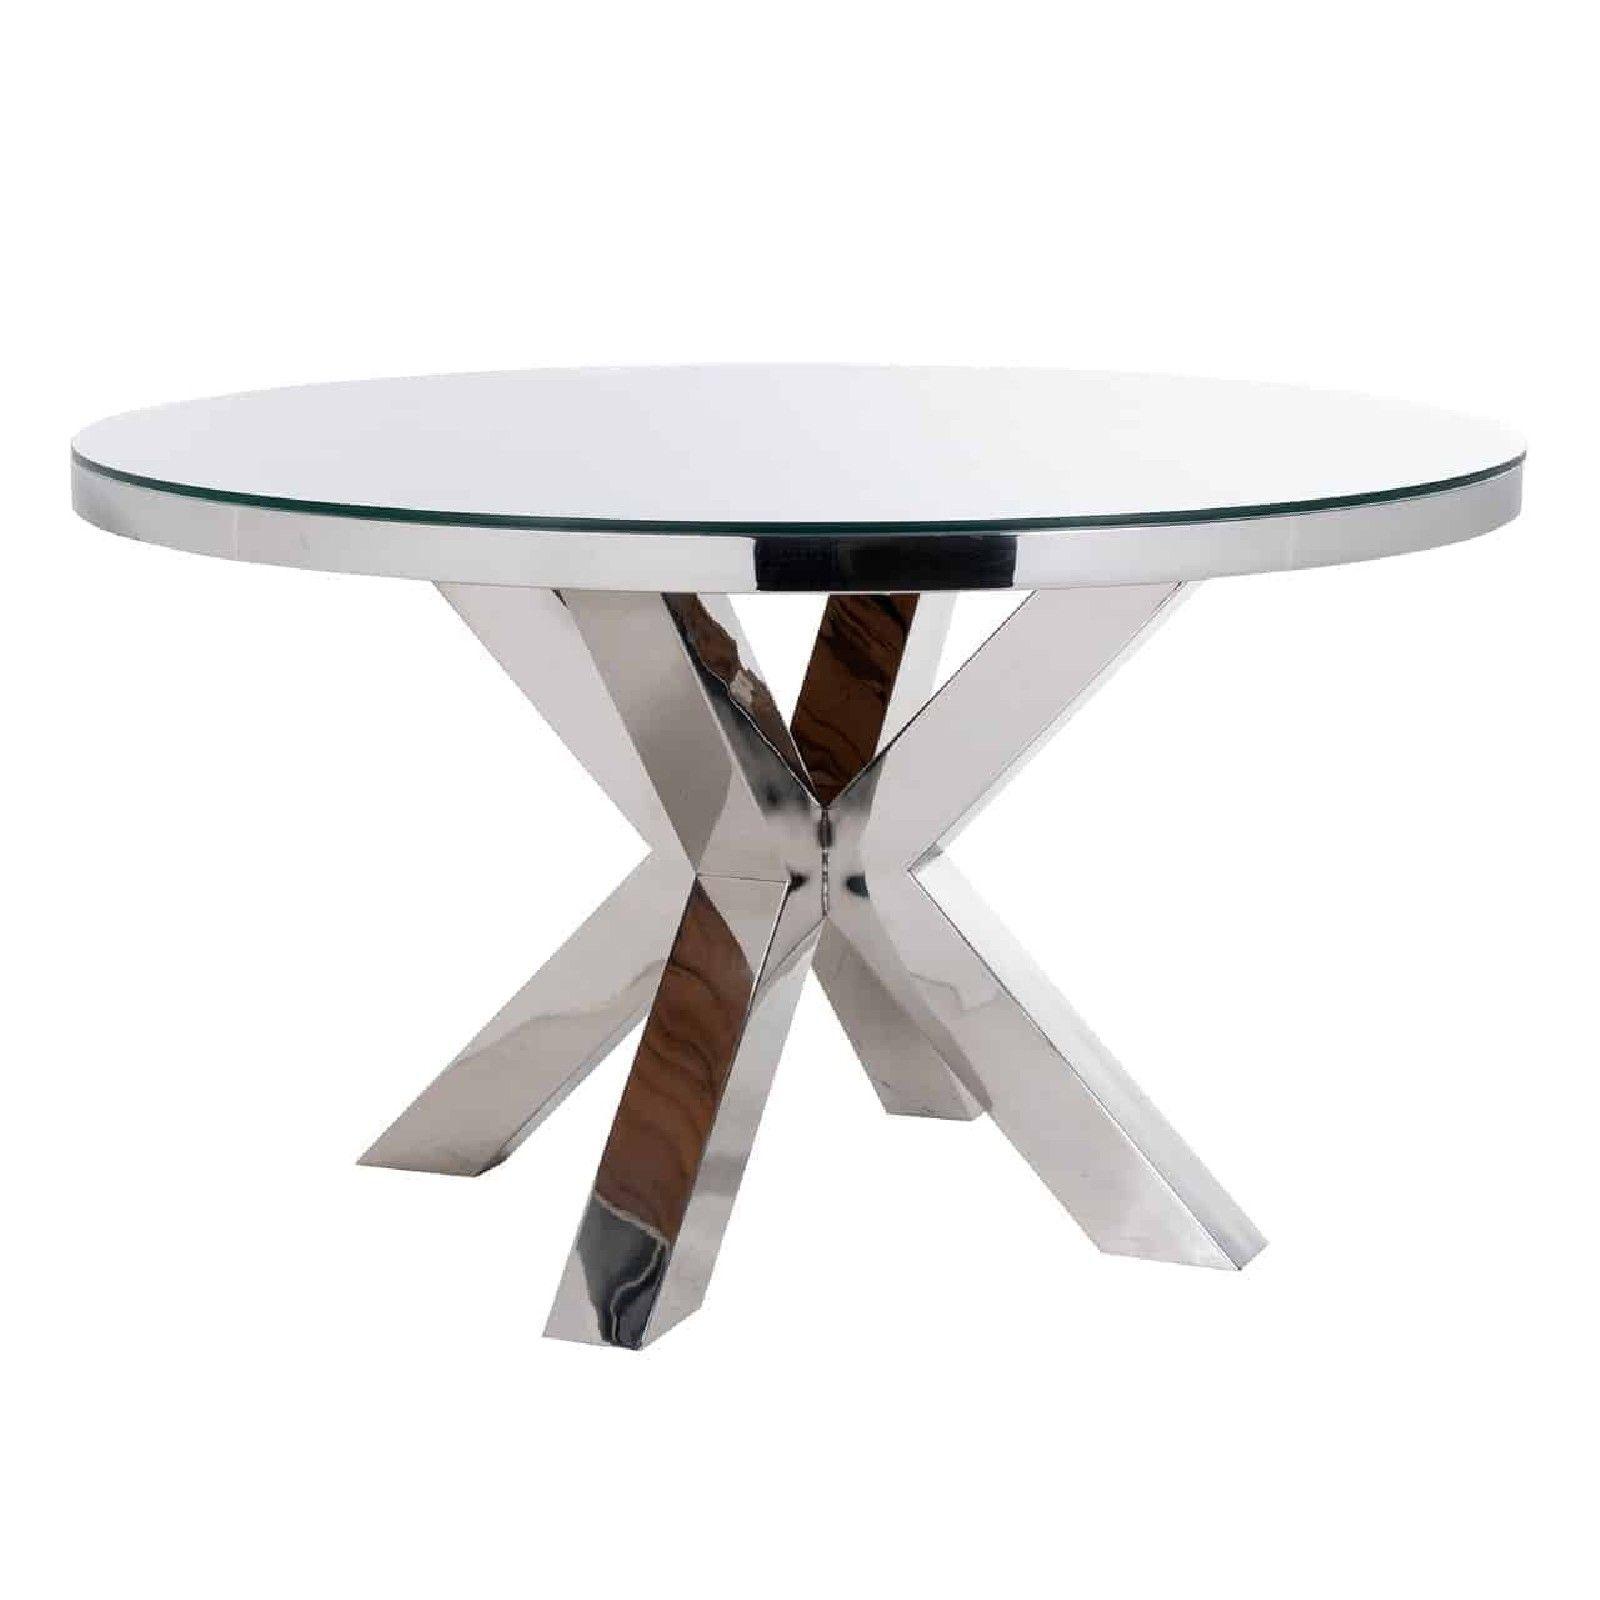 Table à dîner Kensington round 140Ø incl. verre Meuble Déco Tendance - 4